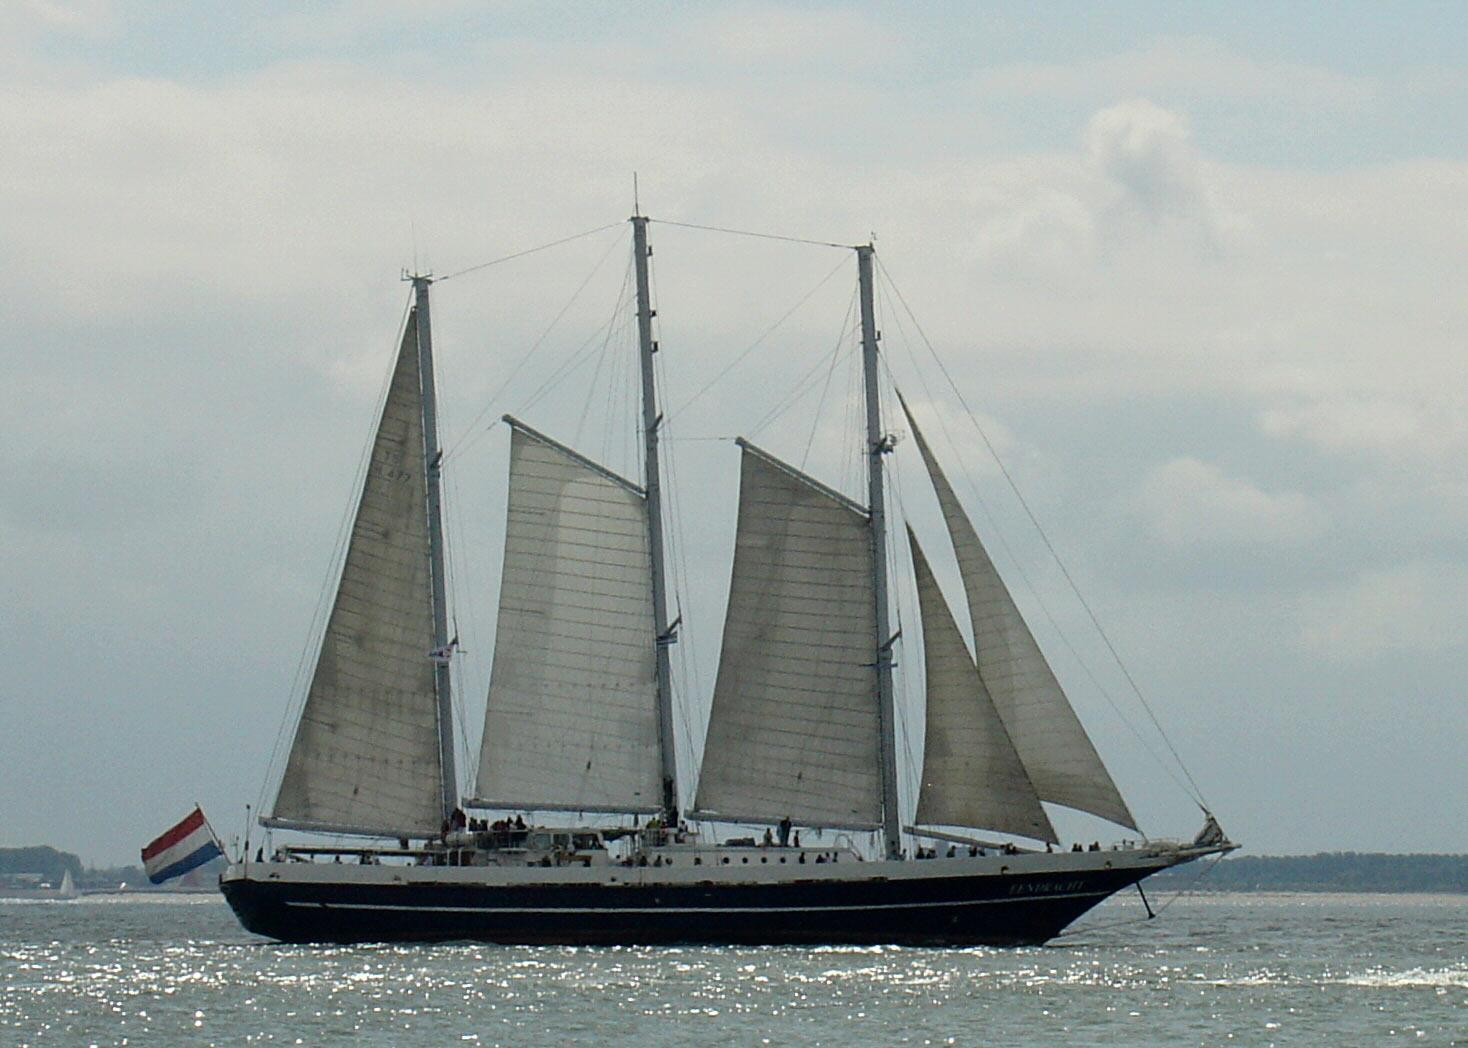 «Eendracht» er en tremastet skonnert brukt som skoleskip og for å spre budskapet om Nederlands maritime tradisjoner. Har deltatt i Tall Ships Races flere ganger. Fotograf:  Mz